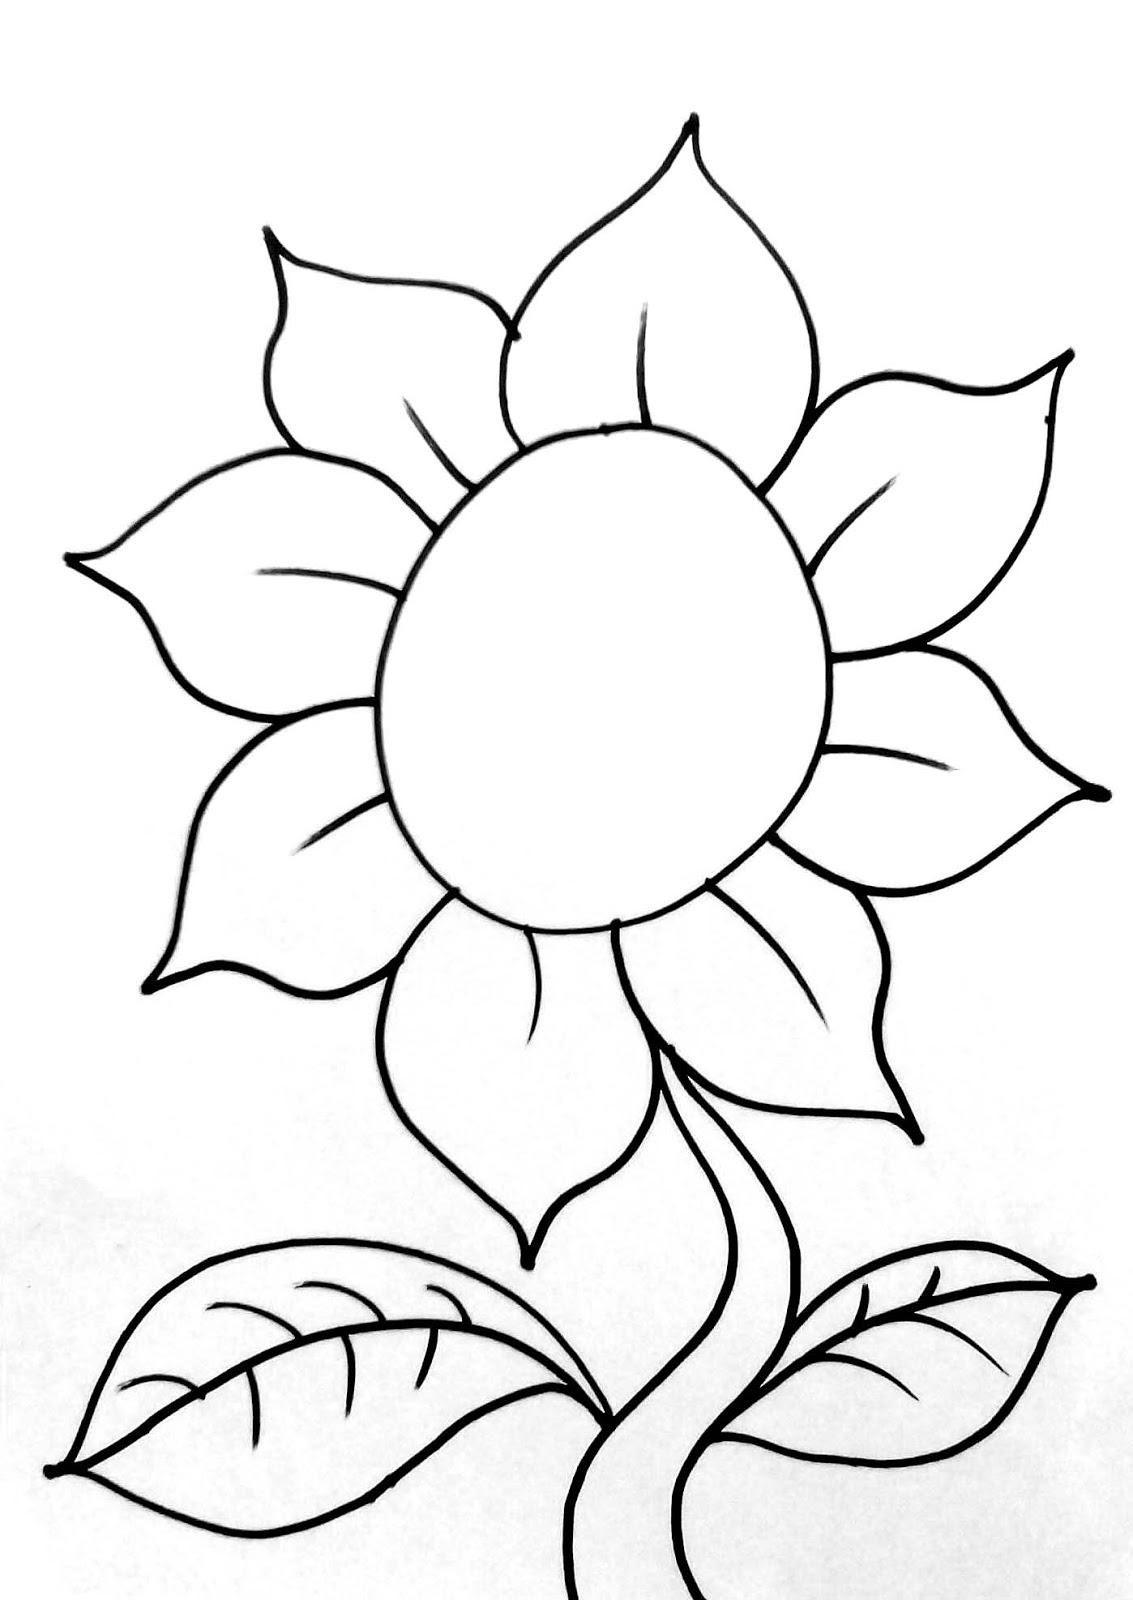 Contoh Gambar Bunga Untuk Diwarnai Menggambar Bunga Matahari Gambar Bunga Bunga